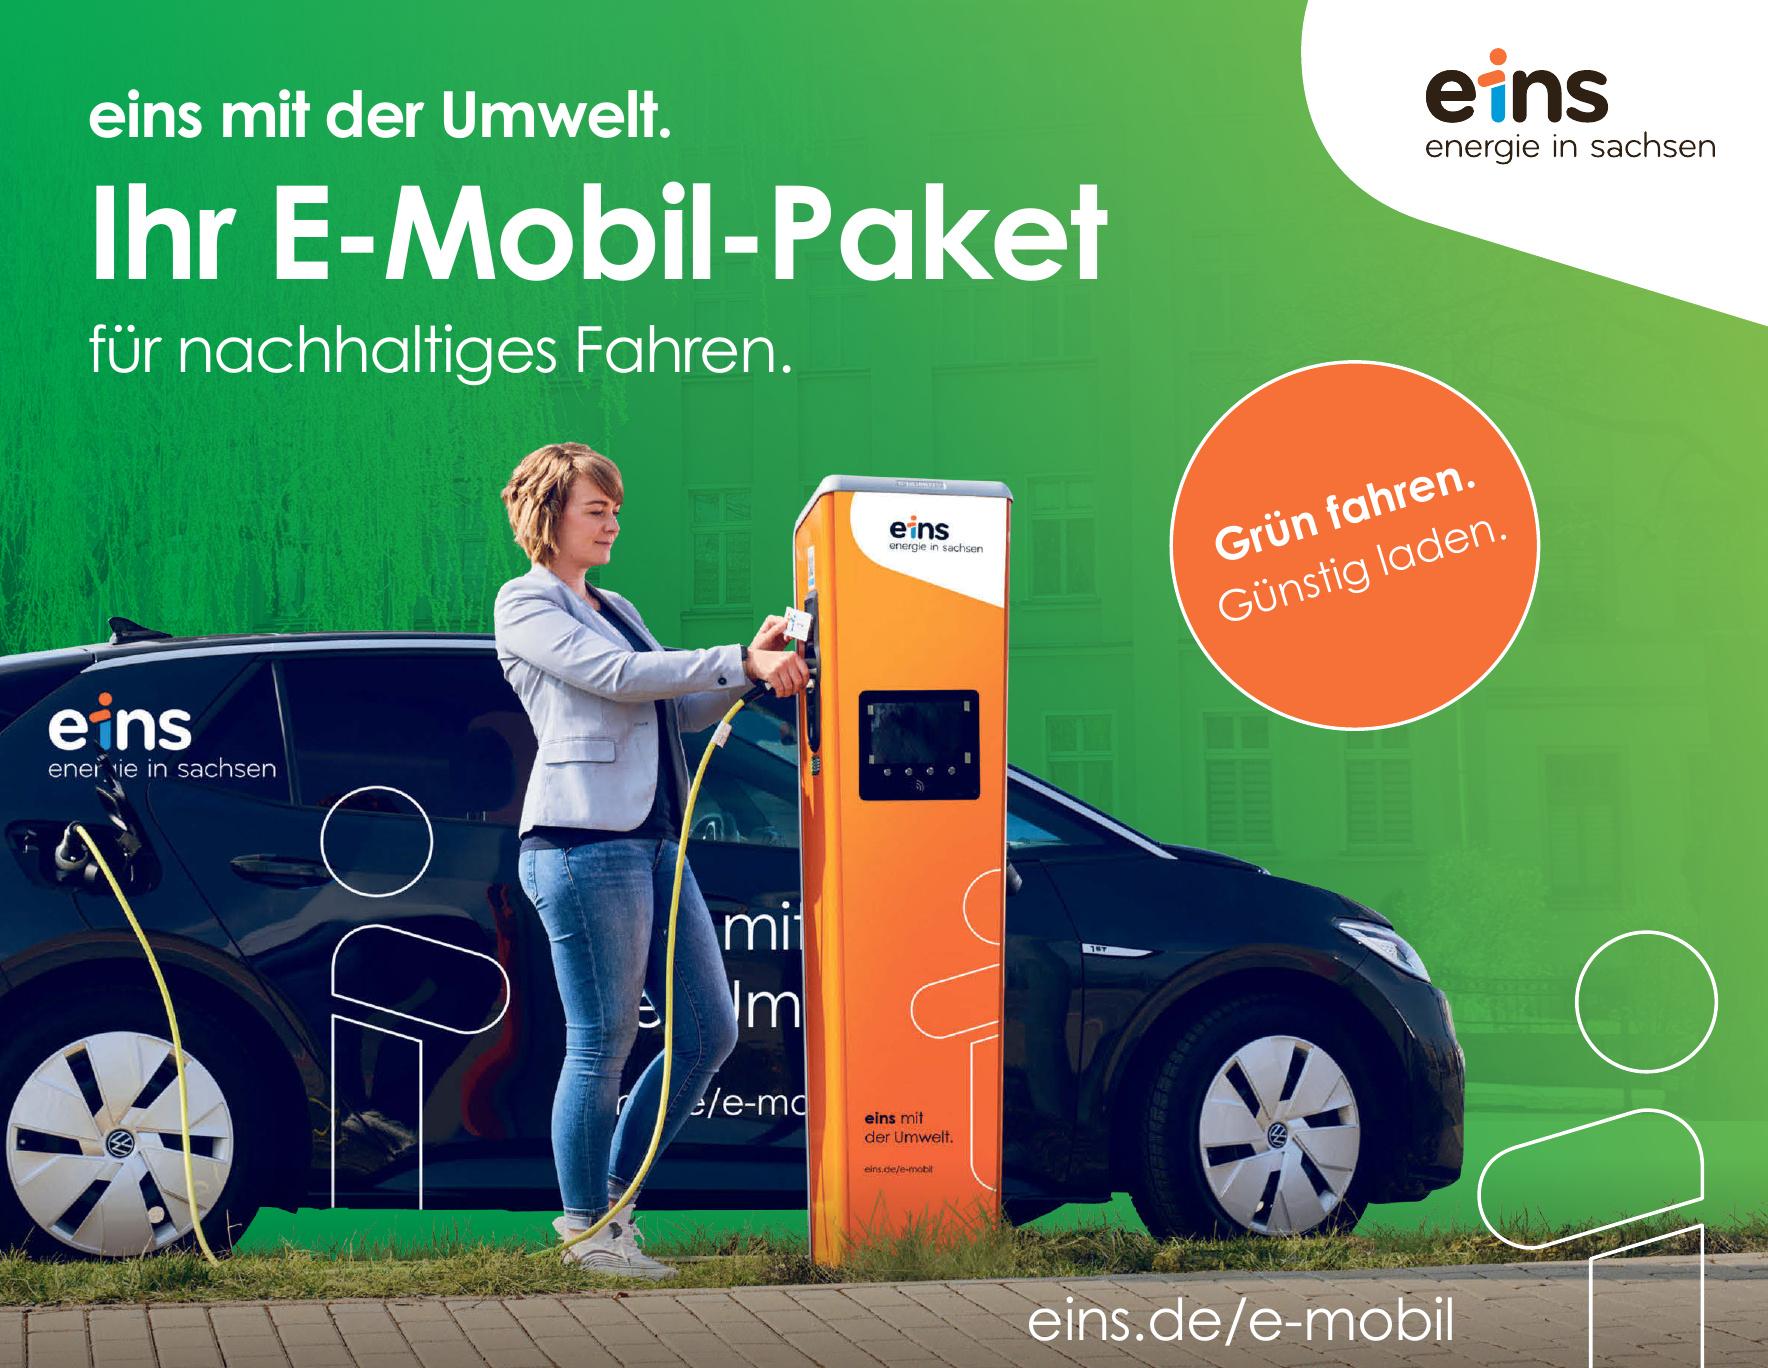 eins - Energie in Sachsen